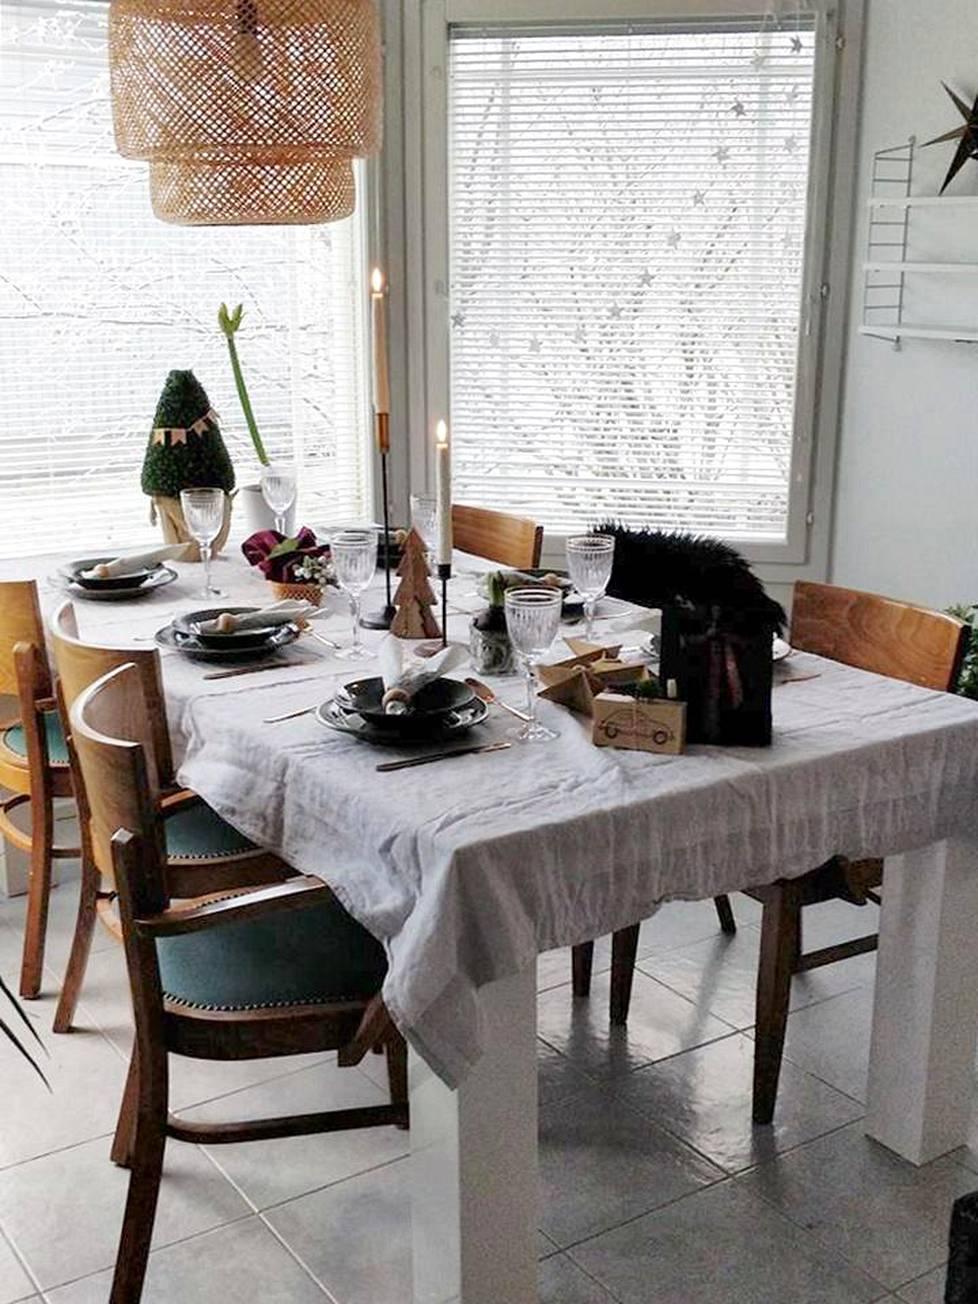 –Joulu on minulle perheen yhteinen juhla, rauhoittumisen ja yhdessäolon aikaa. Lasten riemua on ihana katsella ja heitä on ihana ilahduttaa.